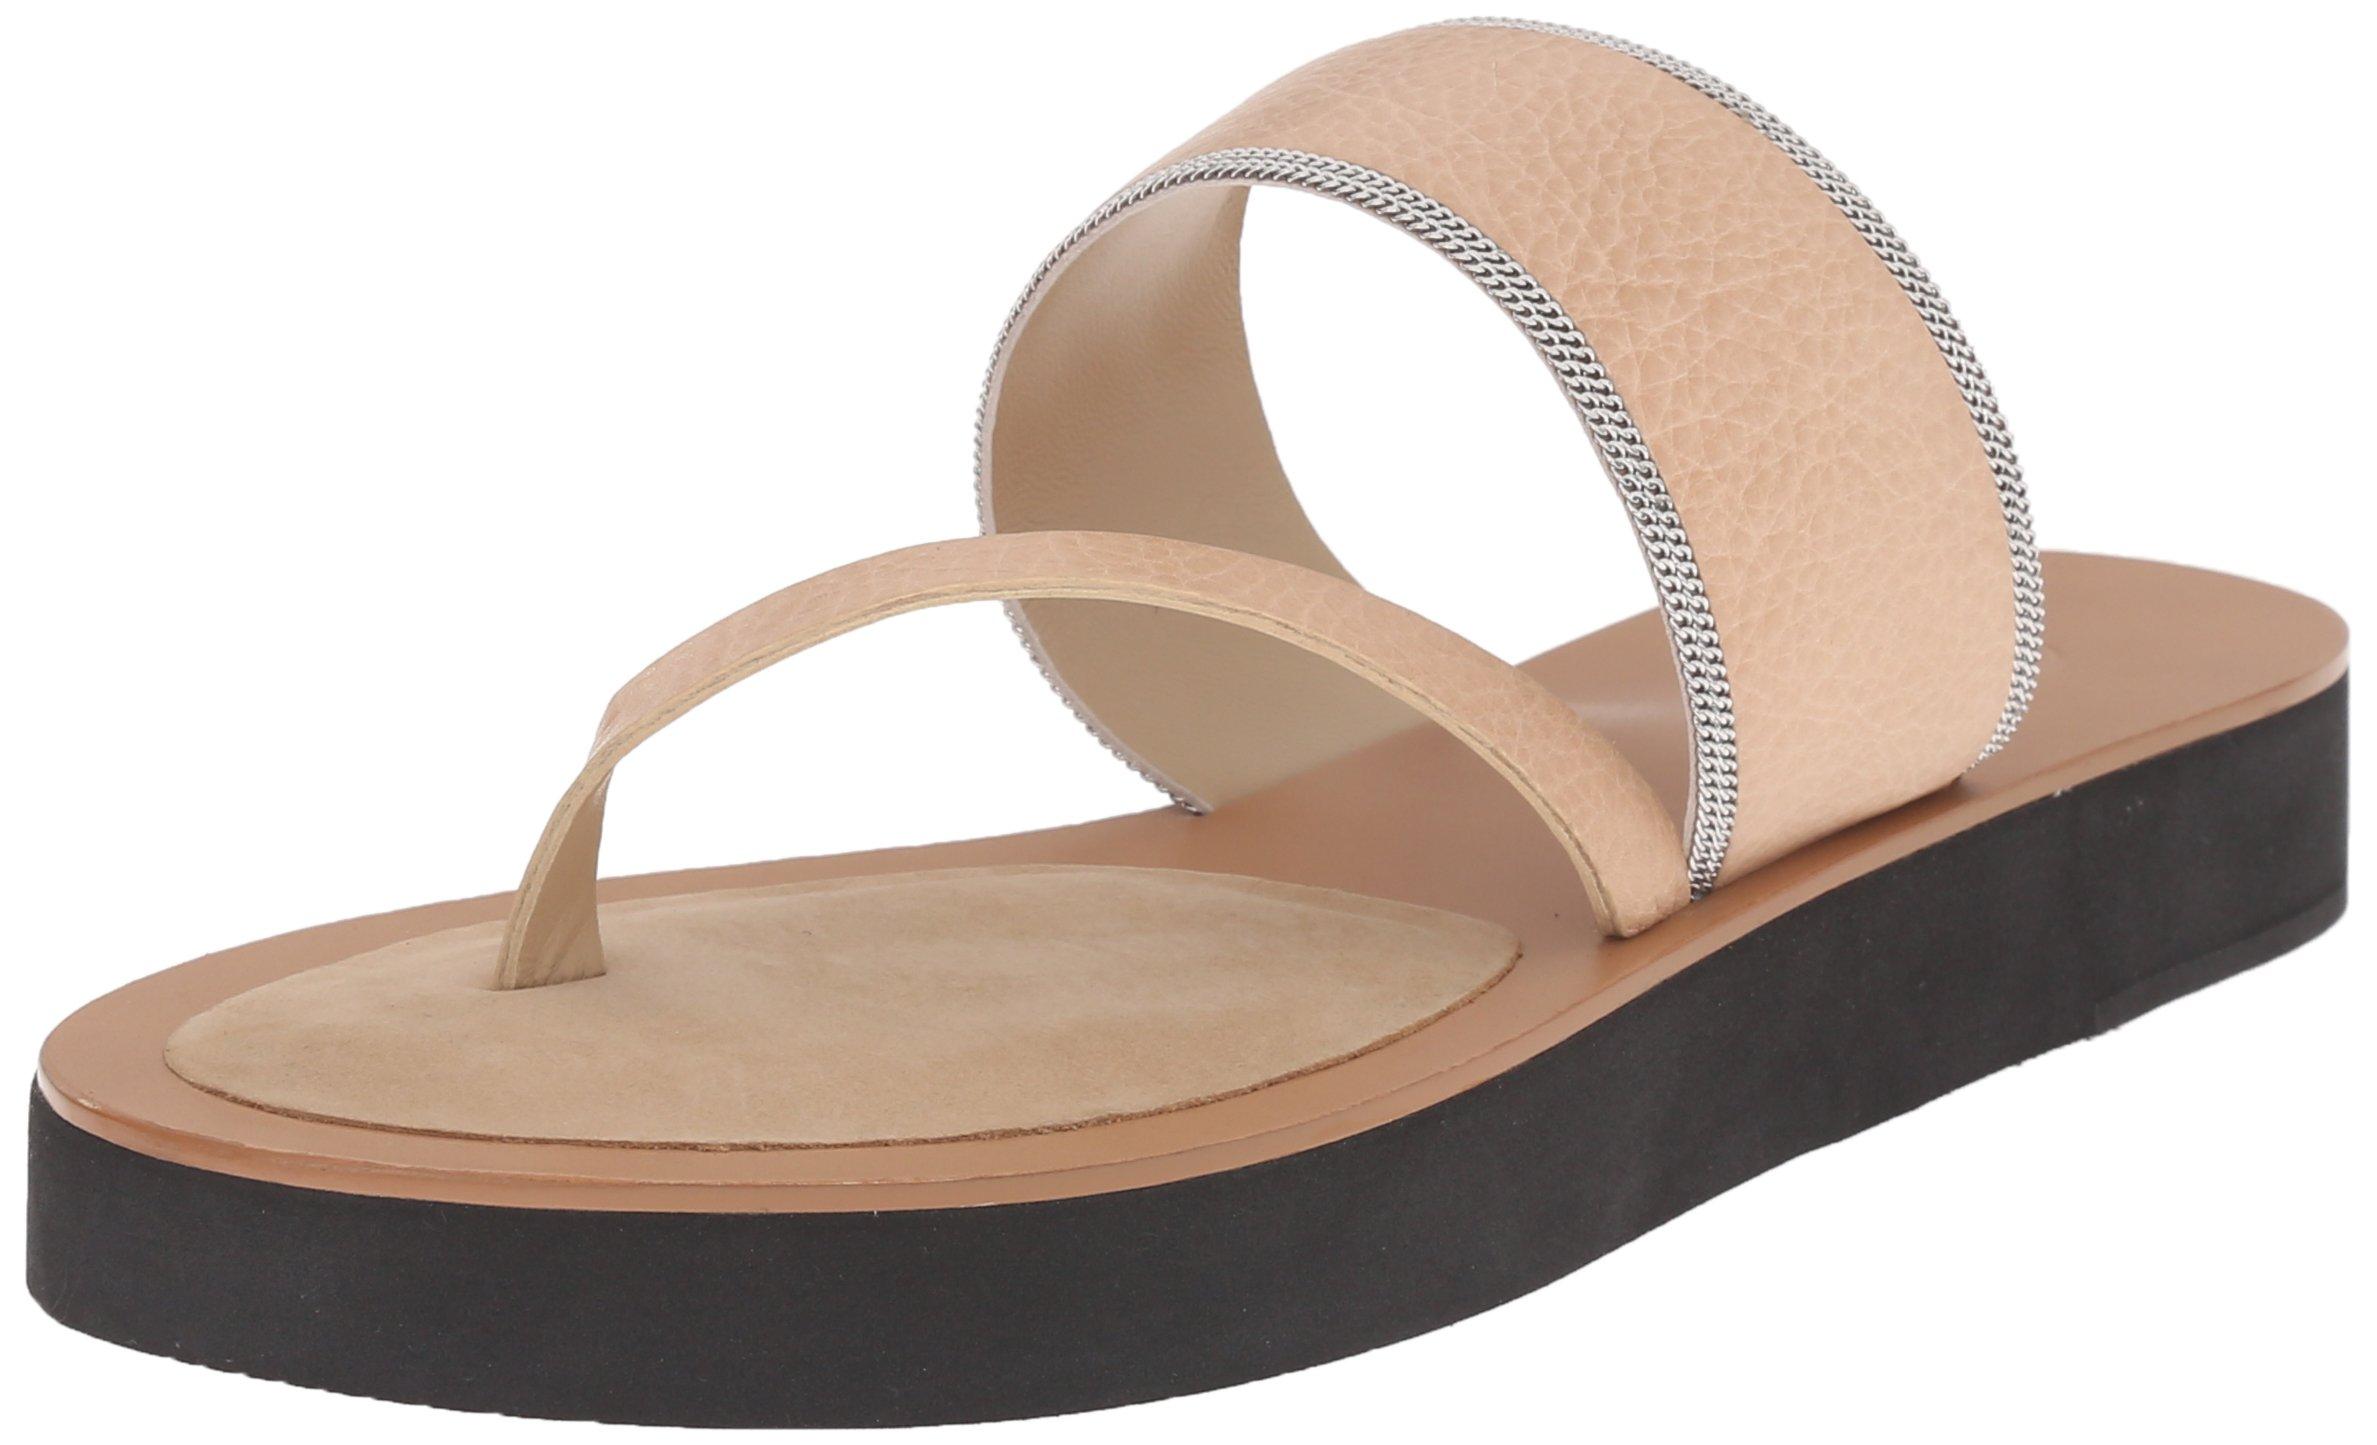 Delman Women's D-Una-V Slide Sandal, Sand Dune Vachetta/Fine Chain, 9.5 M US by Delman (Image #1)